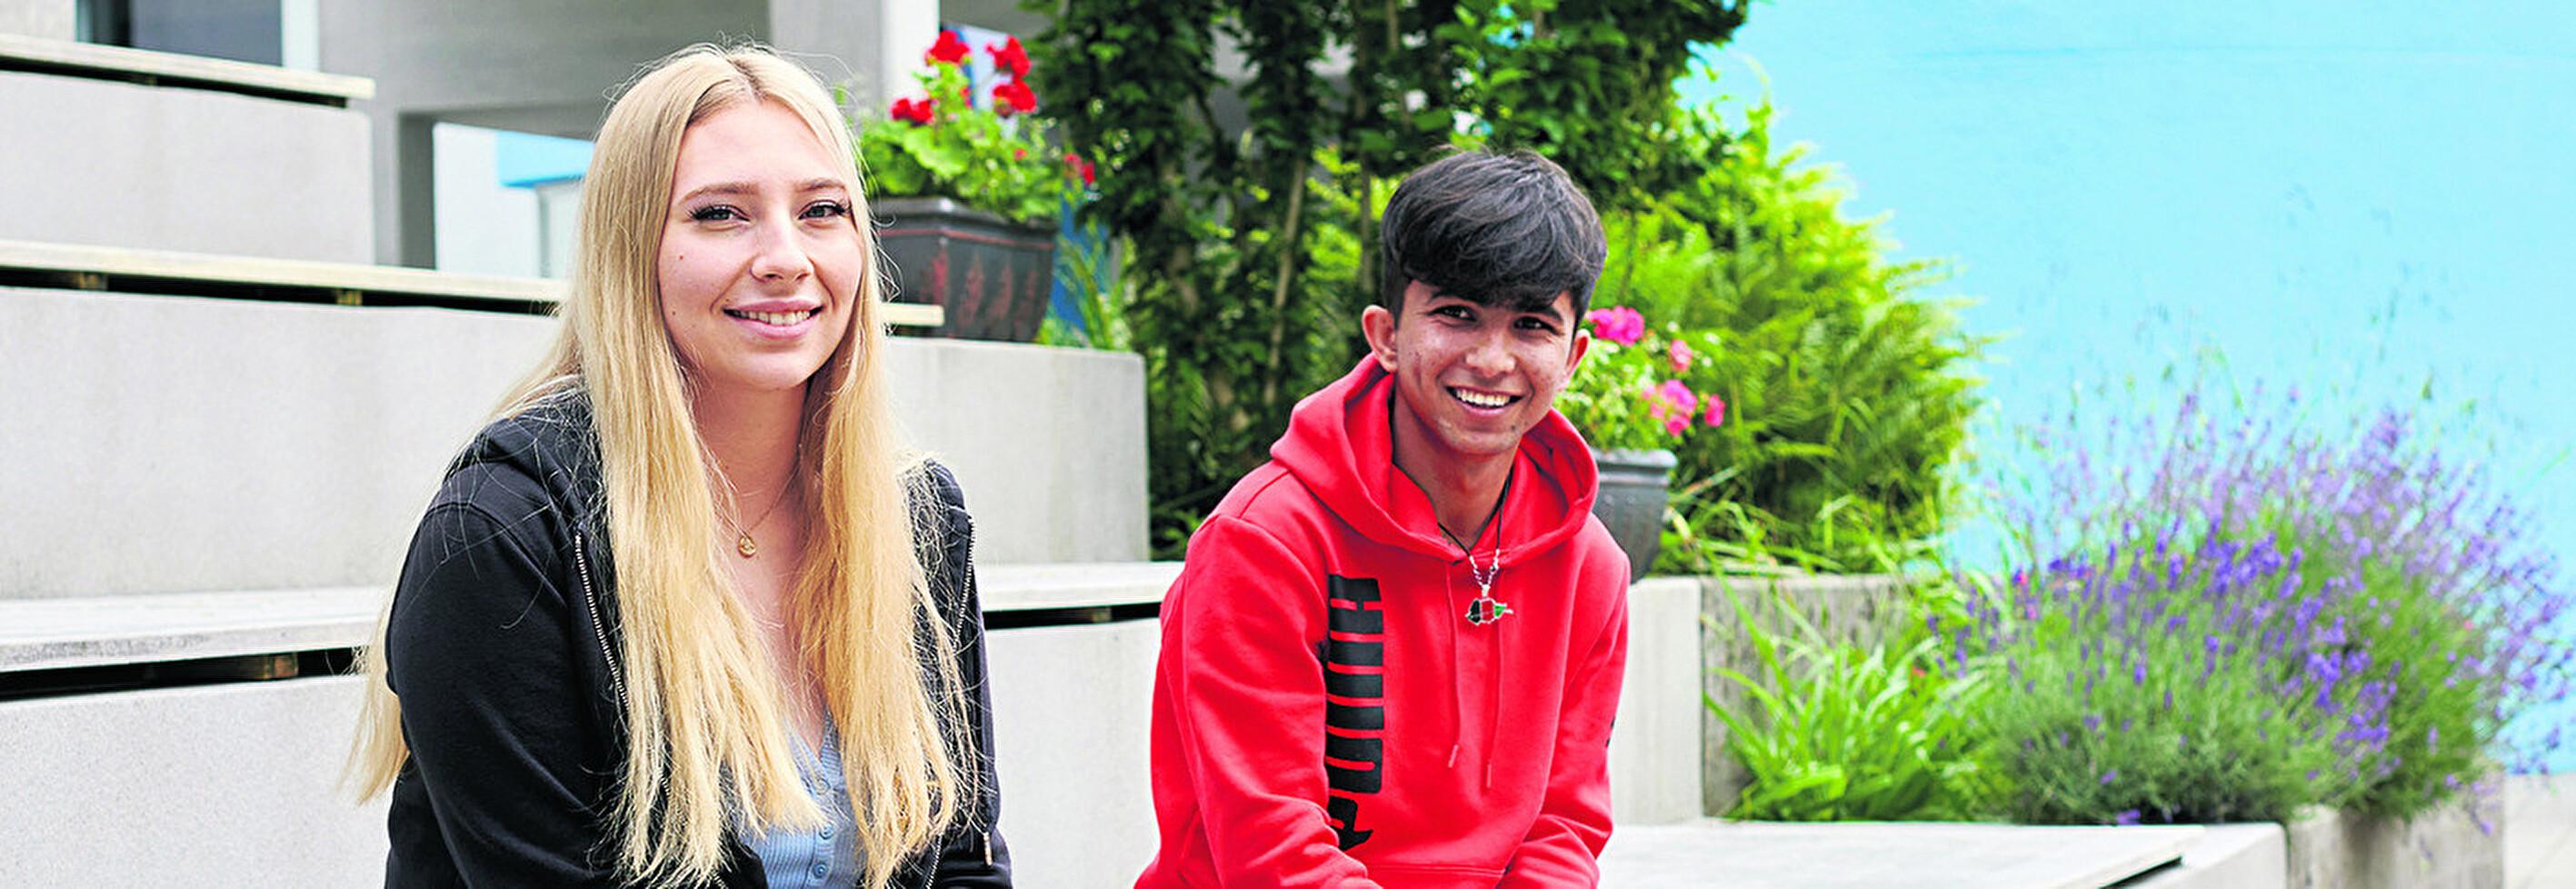 zwei junge Erwachsene sitzen auf einer Bank